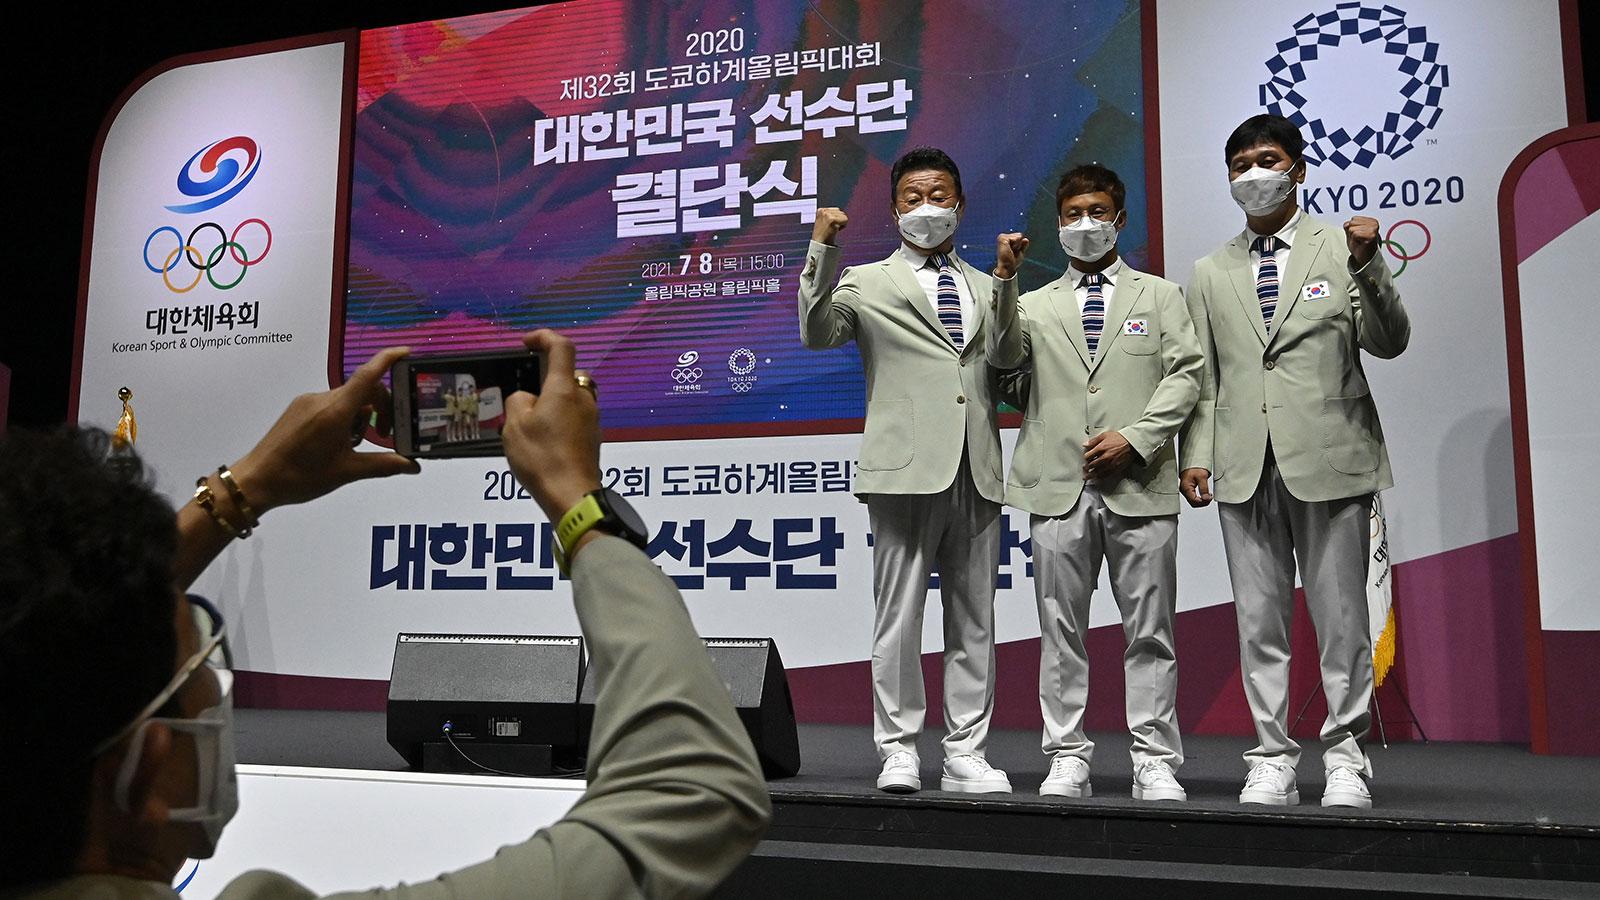 韓国の五輪選手団は「変なホテル」を借り切って、独自の弁当を量産する | 福島の食材は避けると報道 | クーリエ・ジャポン